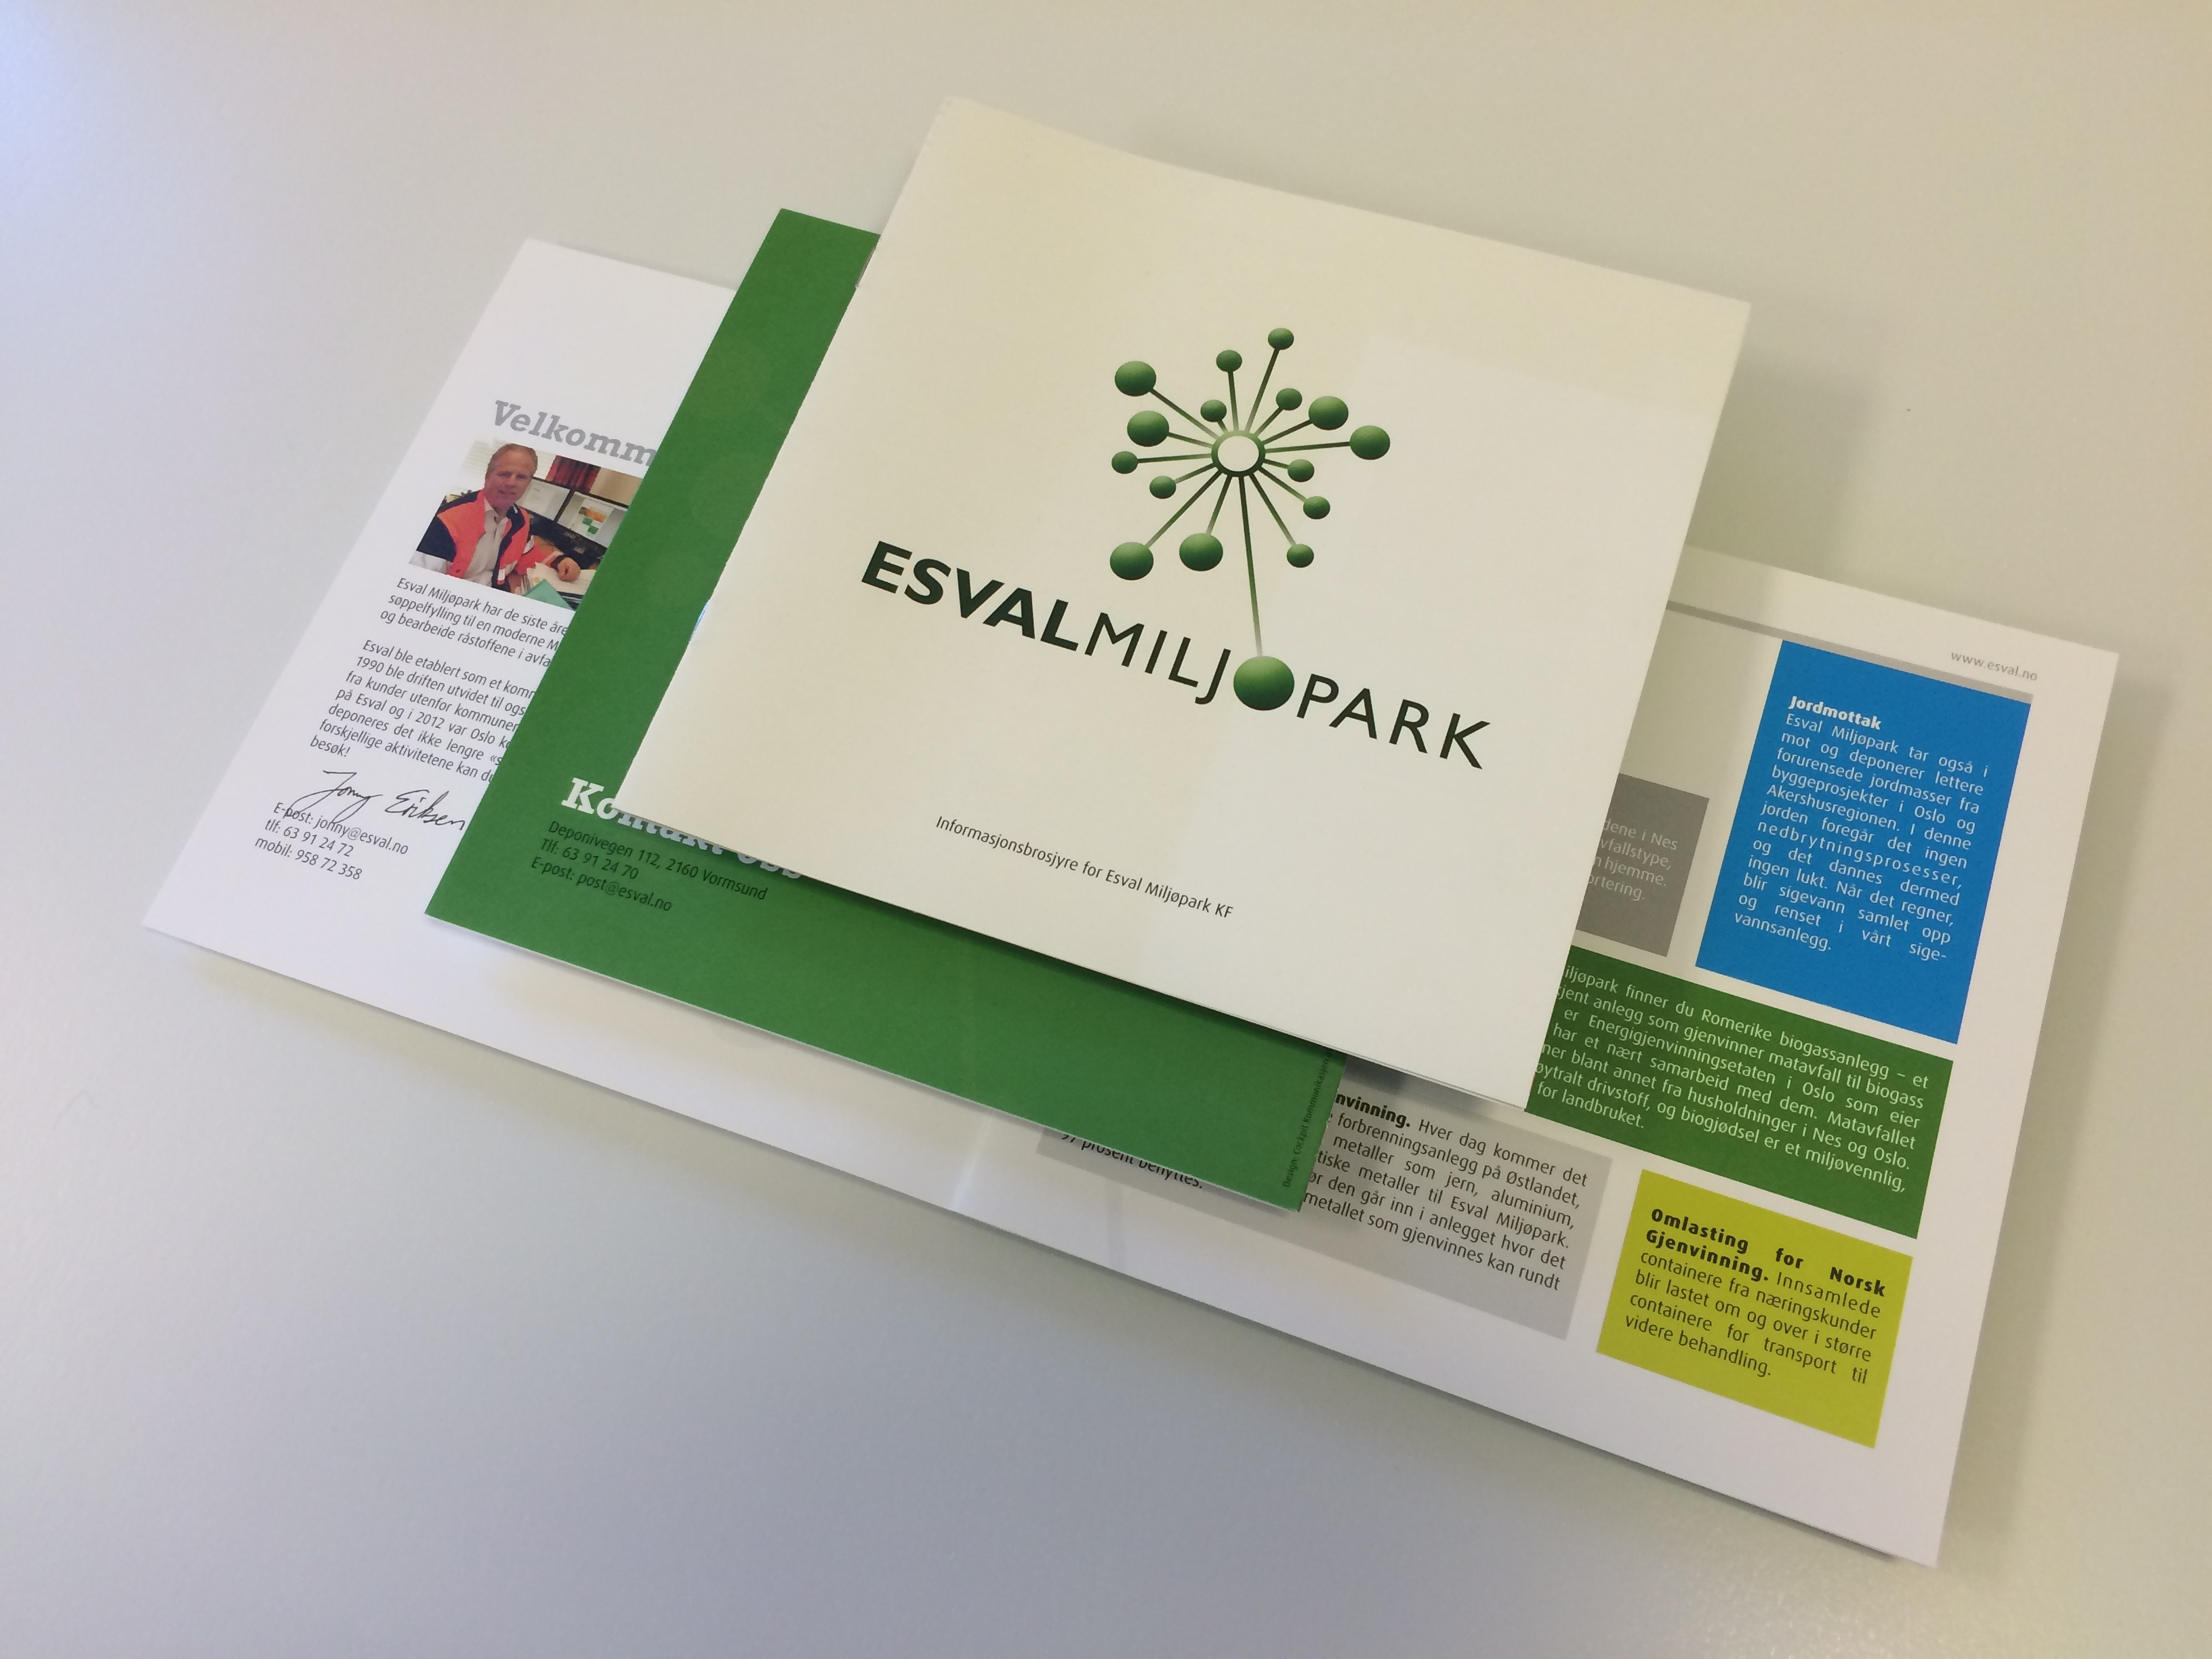 Presentasjonsfolder for Esval Miljøpark med logo på forsida